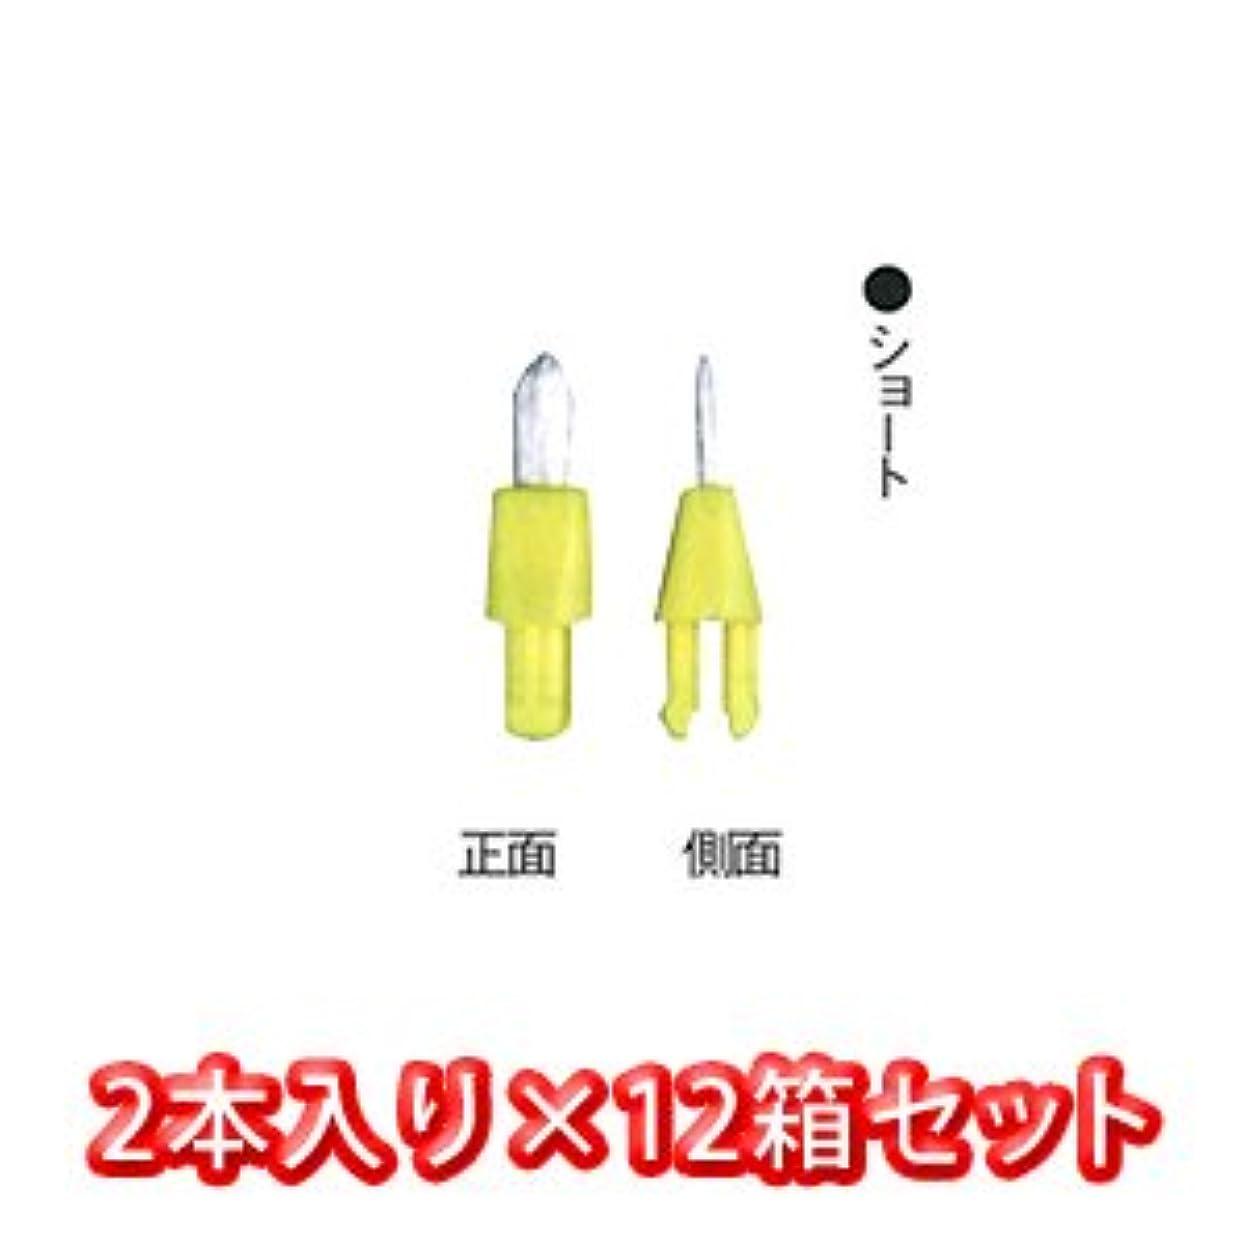 電気の意味するしなければならないポケット ? クリーナー 専用 替え ブラシ 2個入 × 12箱 ショート